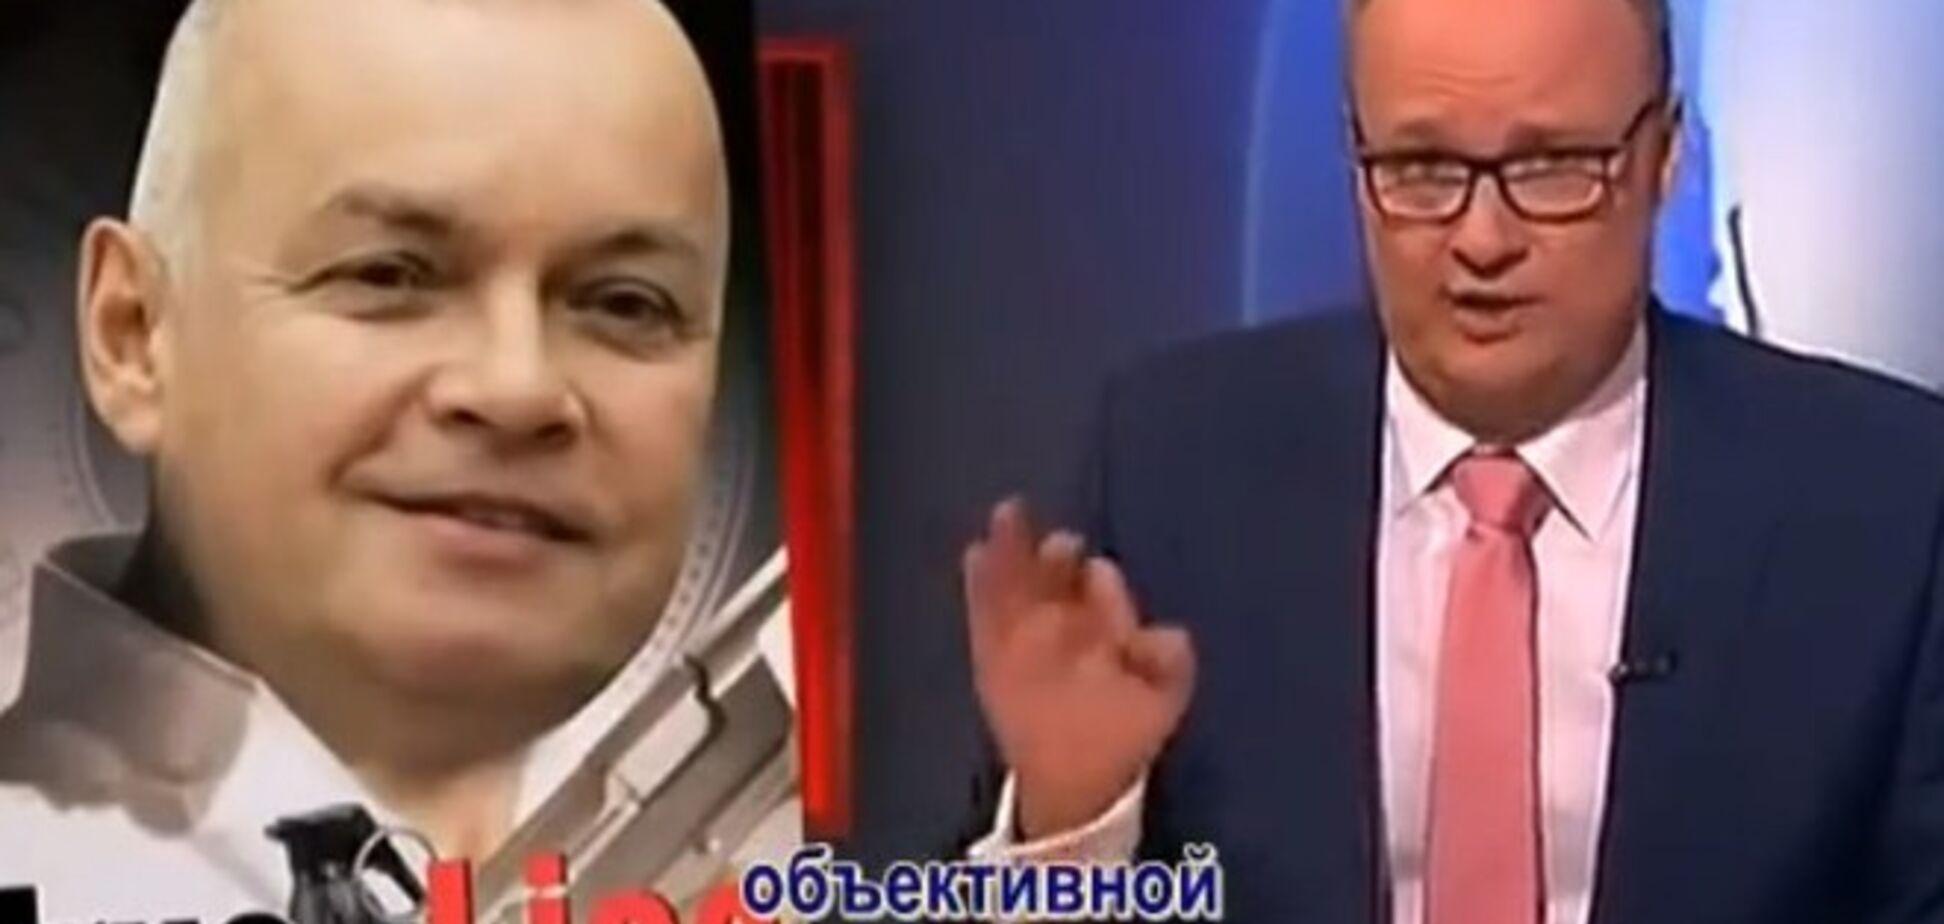 Немецкий телеканал высмеял кремлевскую пропаганду за ее 'объективность' и Киселева: опубликовано видео